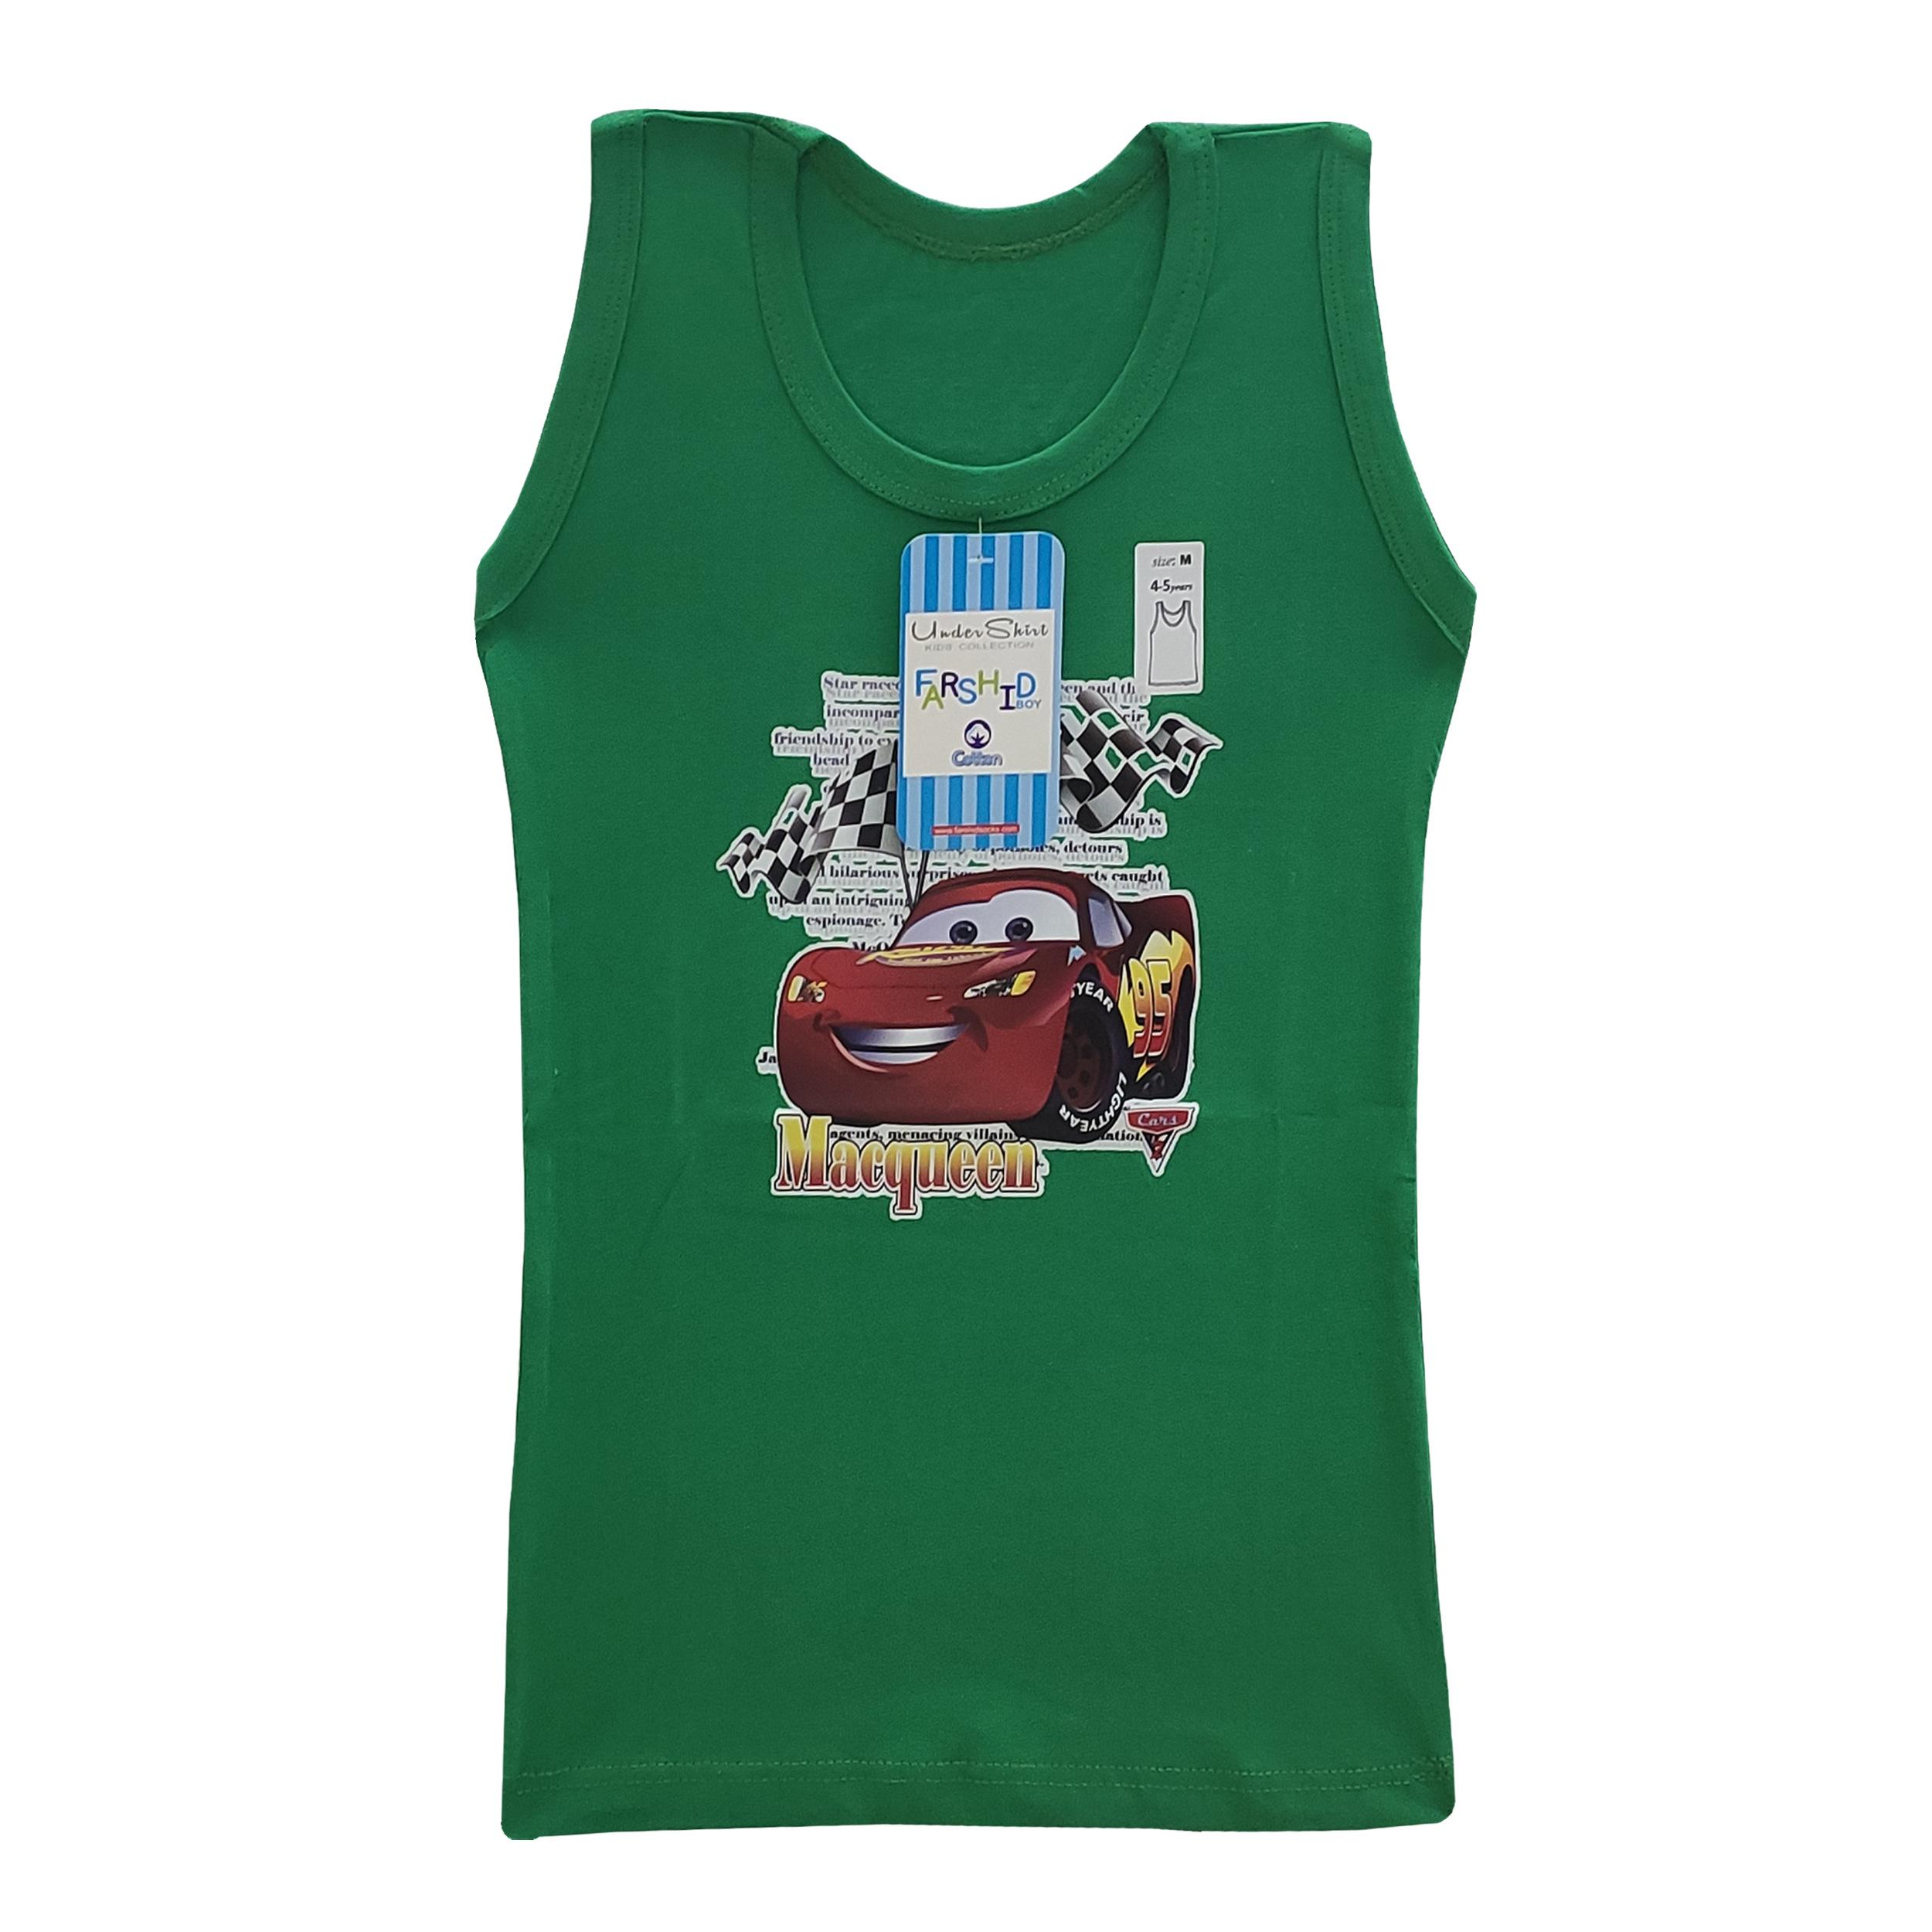 زیرپوش پسرانه فرشید طرح ماشین مککویین کد 30510 رنگ سبز